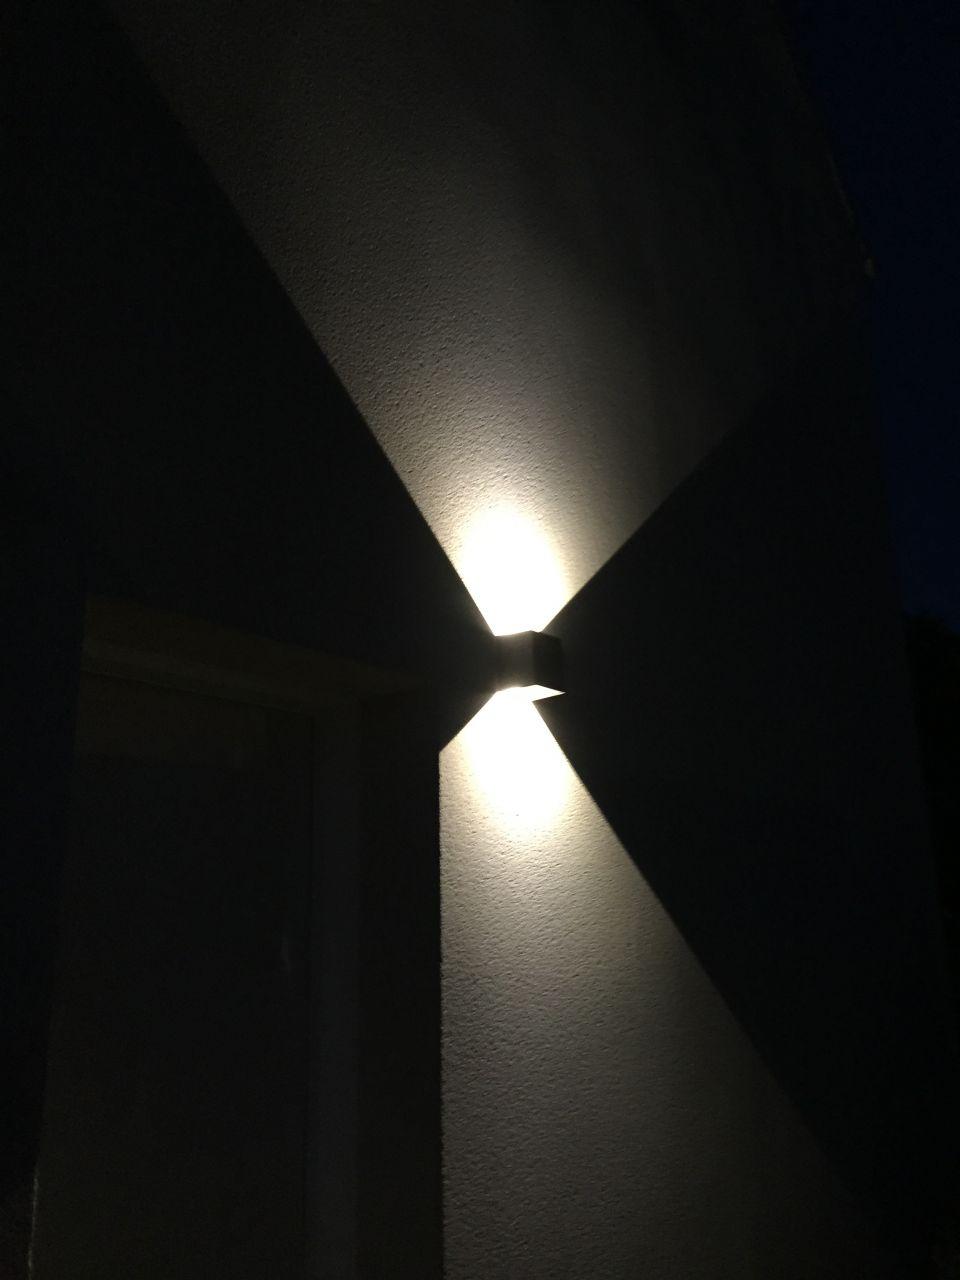 Eclairage extérieur - Seine Et Marne (77) - septembre 2016